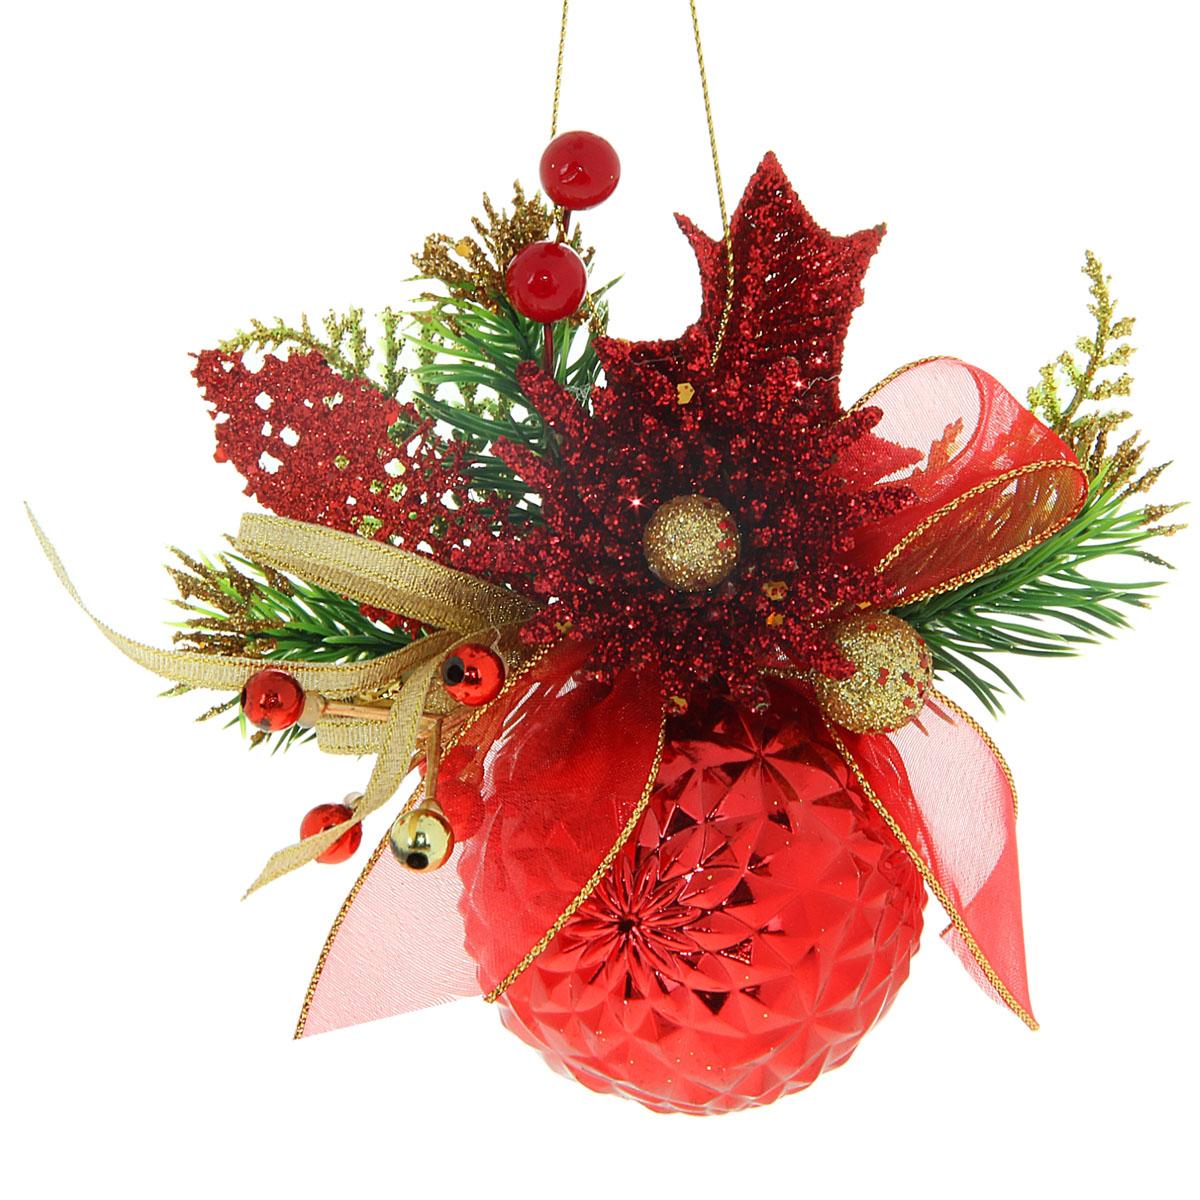 Новогодний декорированный шар Красная астра с бусинами, диаметр 6 см, 706001706001Новогодний шар, выполненный из пластика, украсит интерьер вашего дома или офиса в преддверии Нового года. Оригинальный дизайн и красочное исполнение создадут праздничное настроение. Новогодние украшения всегда несут в себе волшебство и красоту праздника. Создайте в своем доме атмосферу тепла, веселья и радости, украшая его всей семьей.